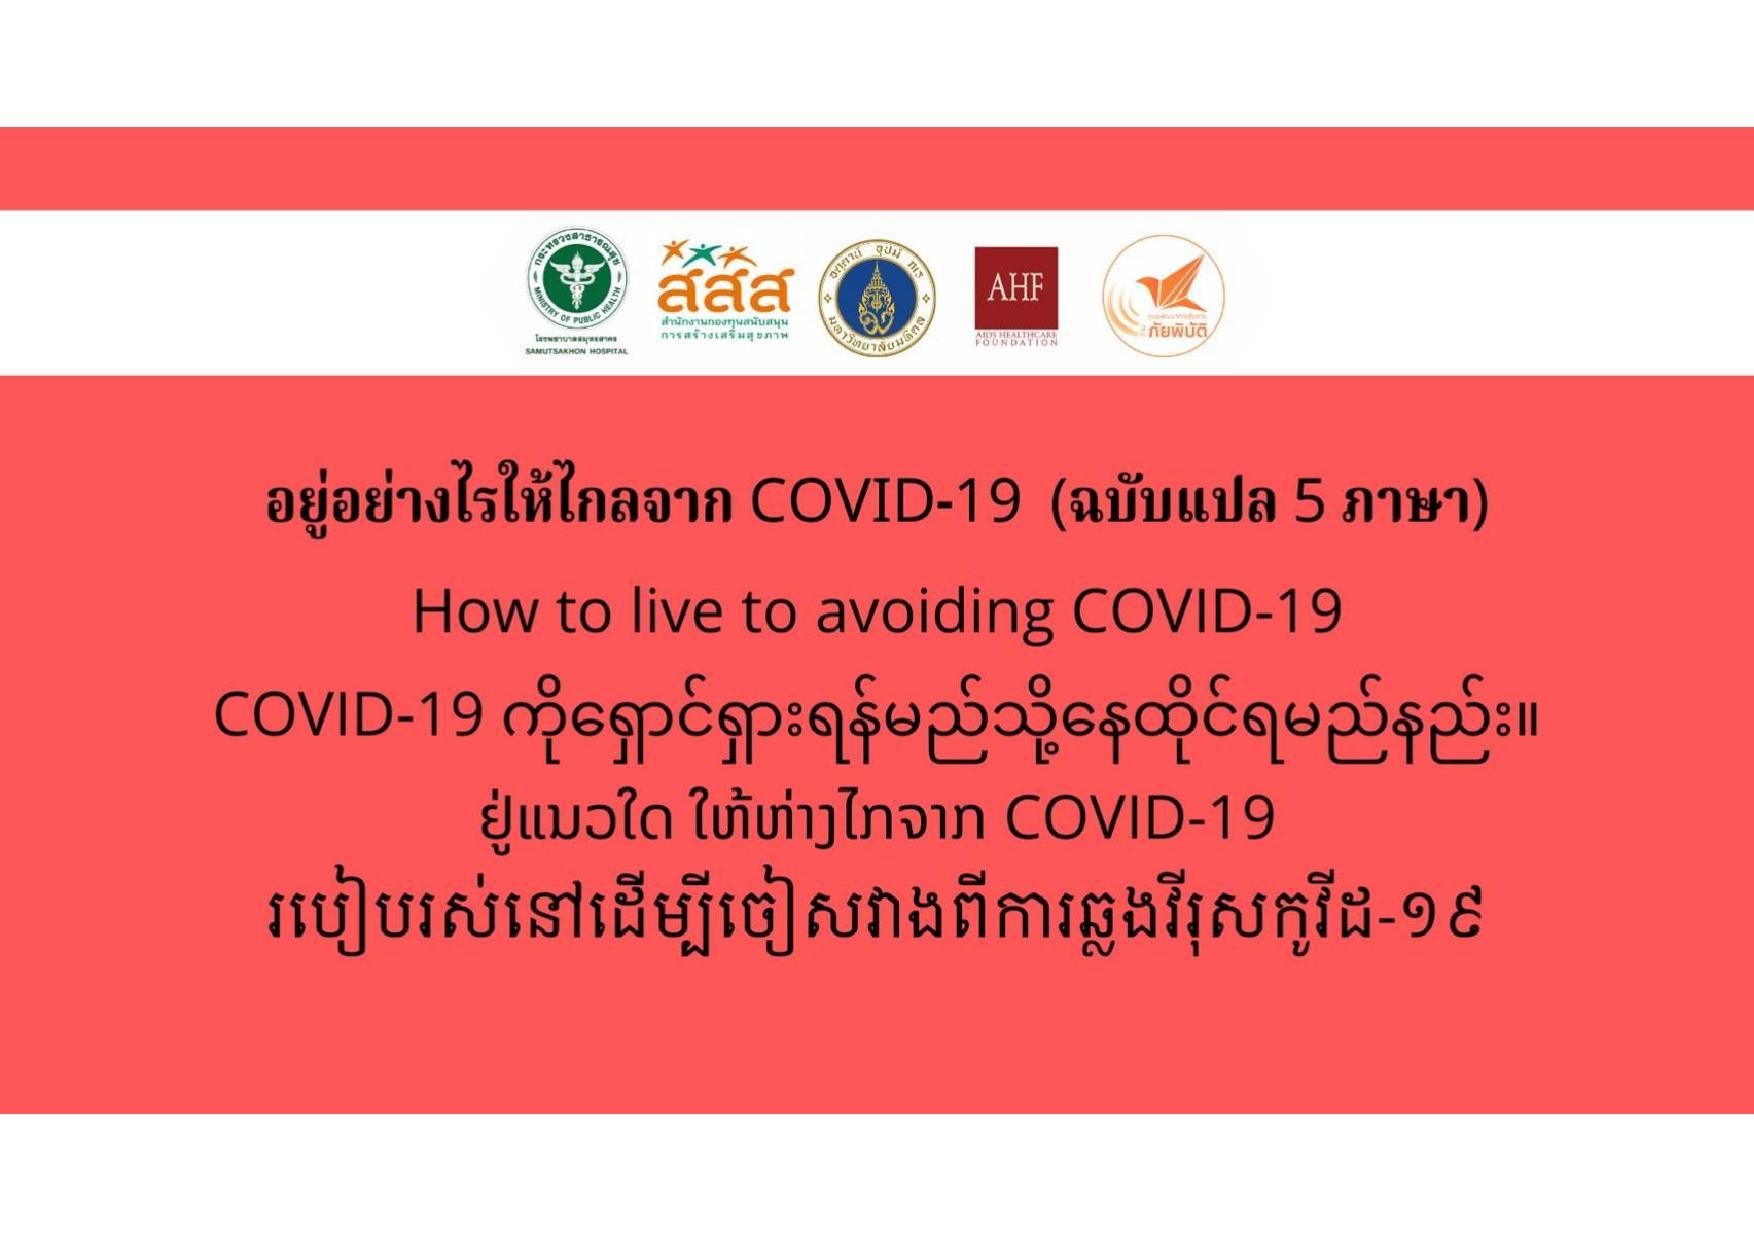 สื่อประชาสัมพันธ์ 5 ภาษา ให้ความรู้เกี่ยวกับ COVID-19 สำหรับแรงงานต่างด้าว